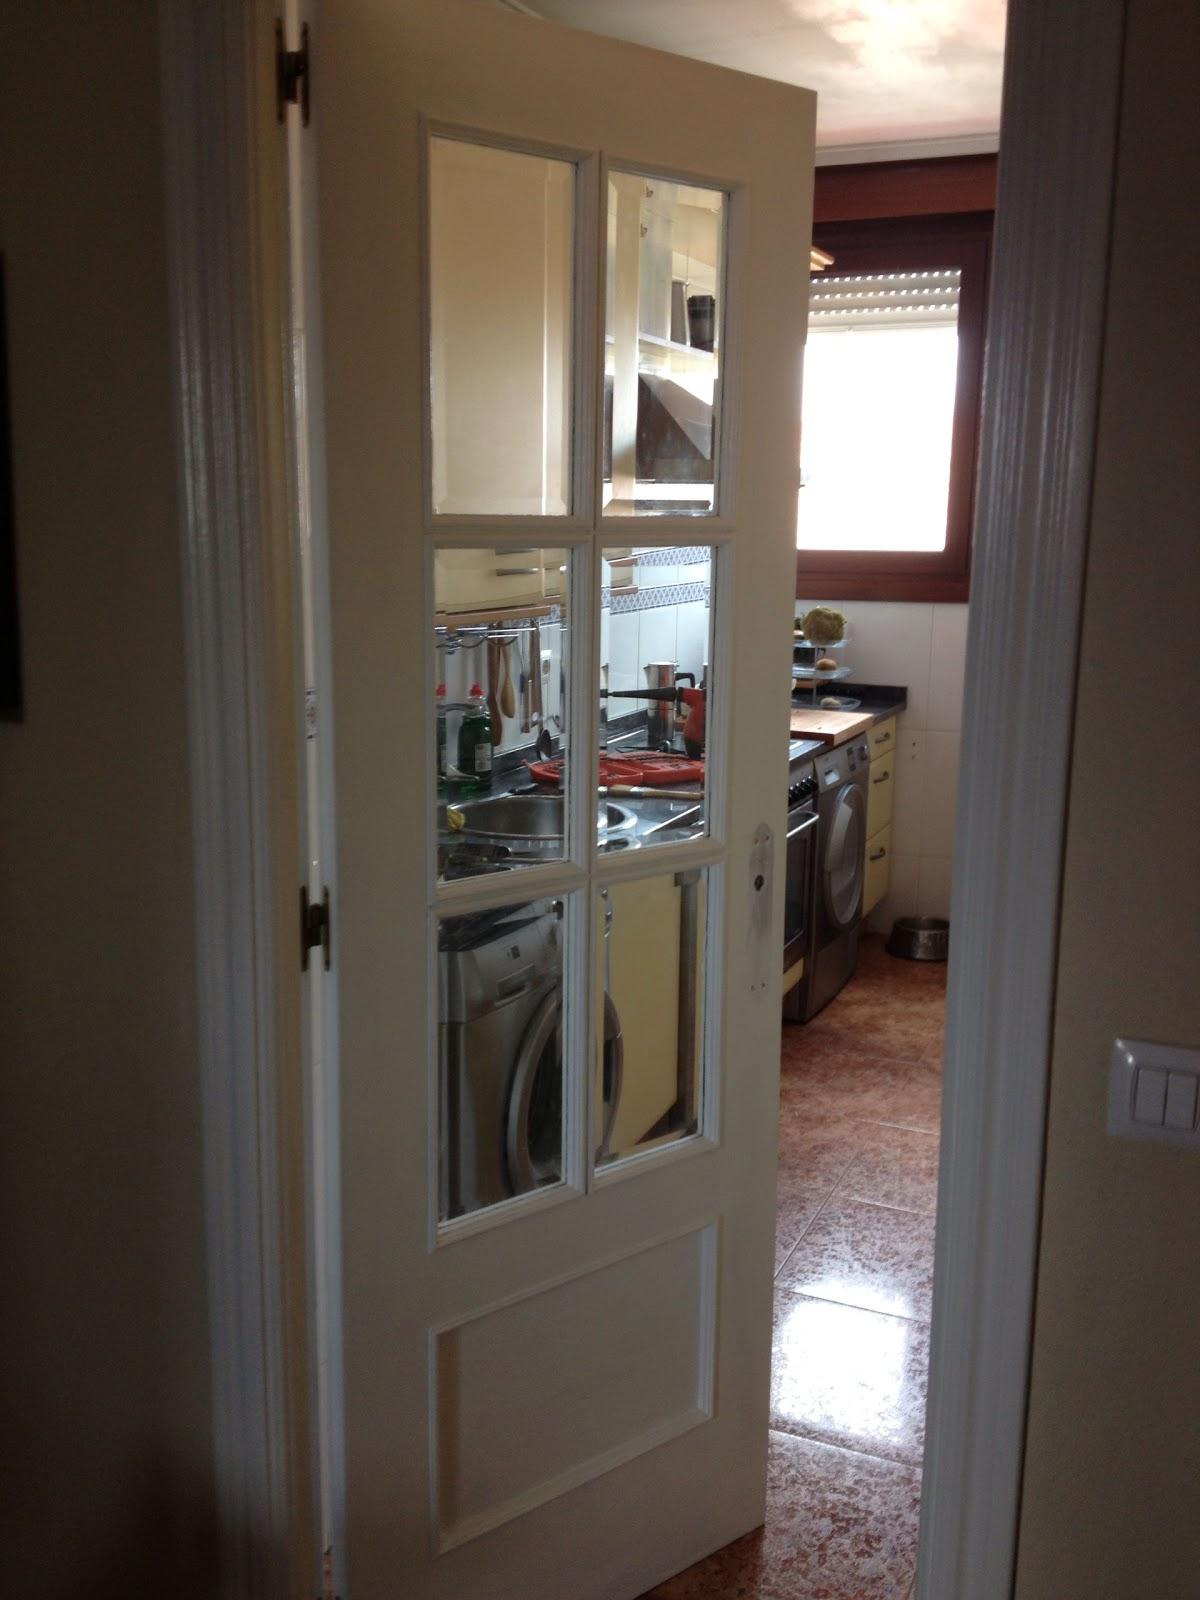 Pintar puerta de aluminio materiales de construcci n for Pintar mueble lacado sin lijar